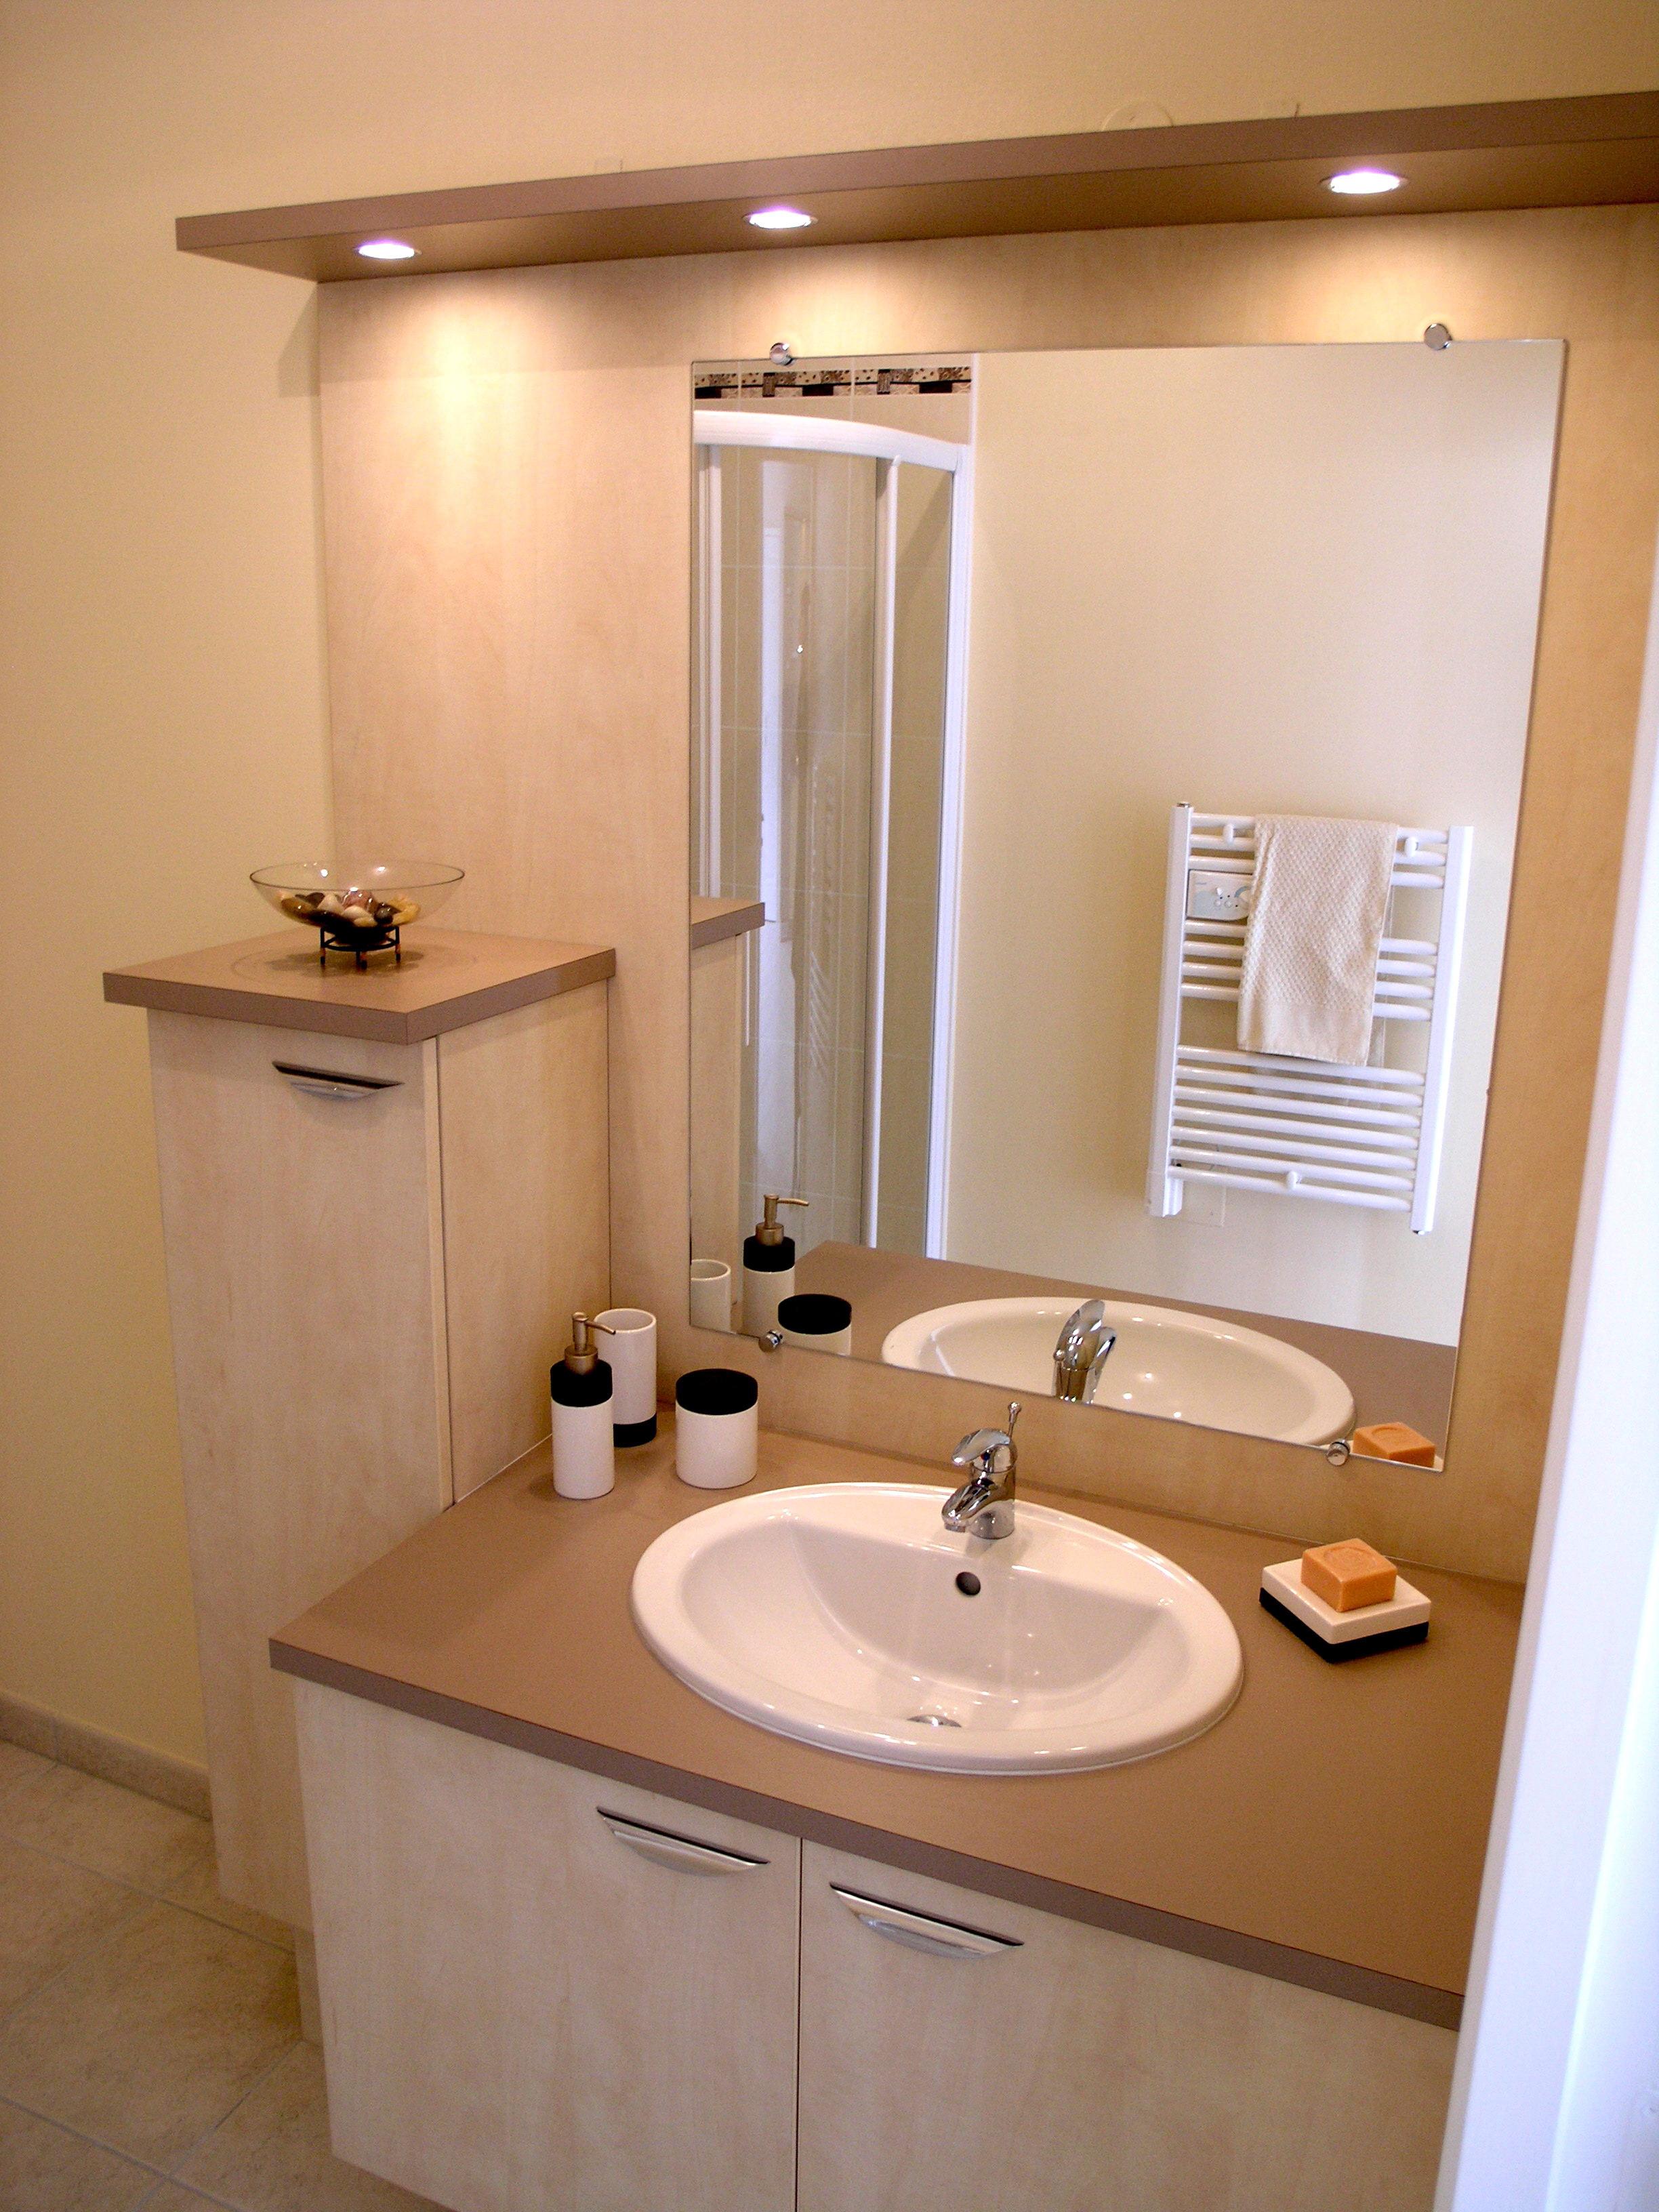 commode de salle de bain pas cher maison parallele. Black Bedroom Furniture Sets. Home Design Ideas